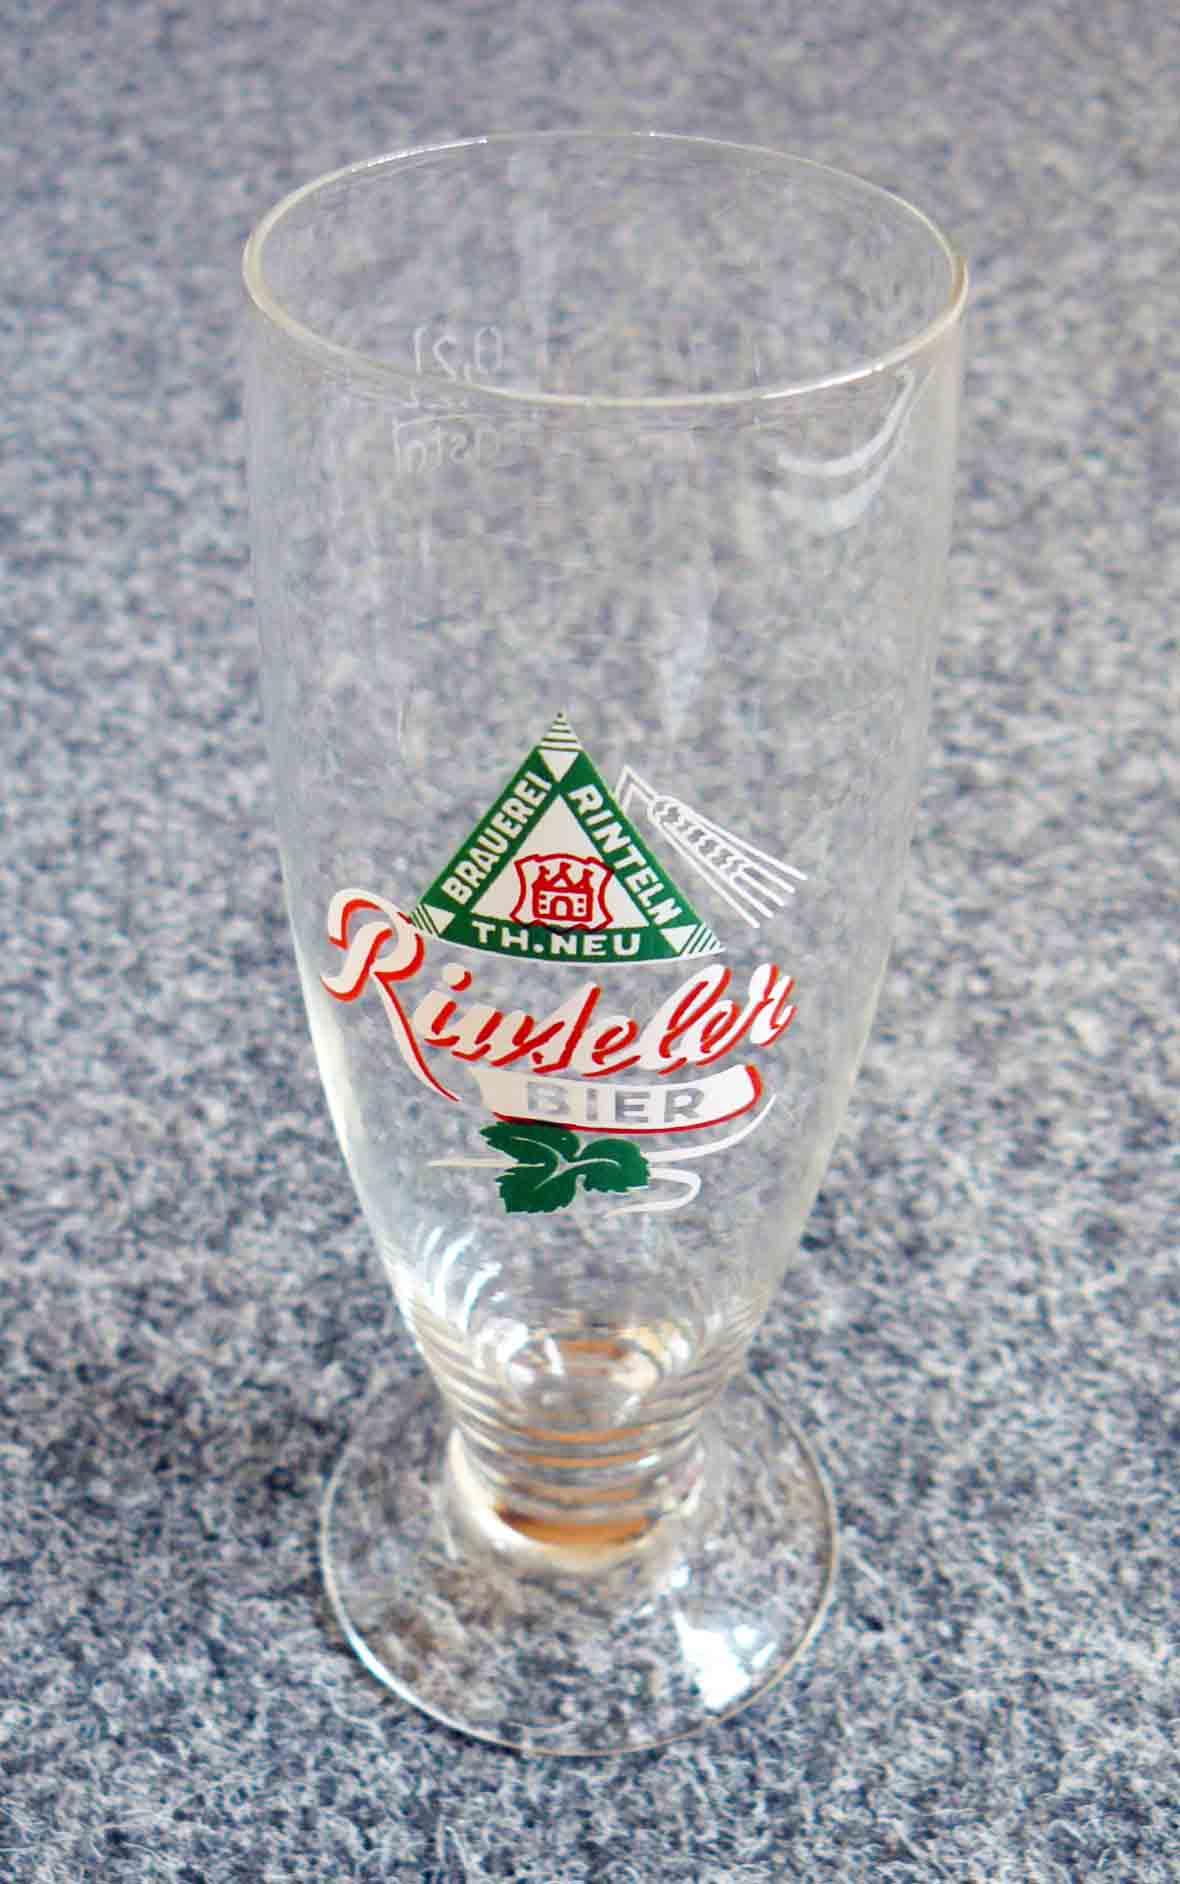 Glas der Brauerei Theodor Neu um 1959